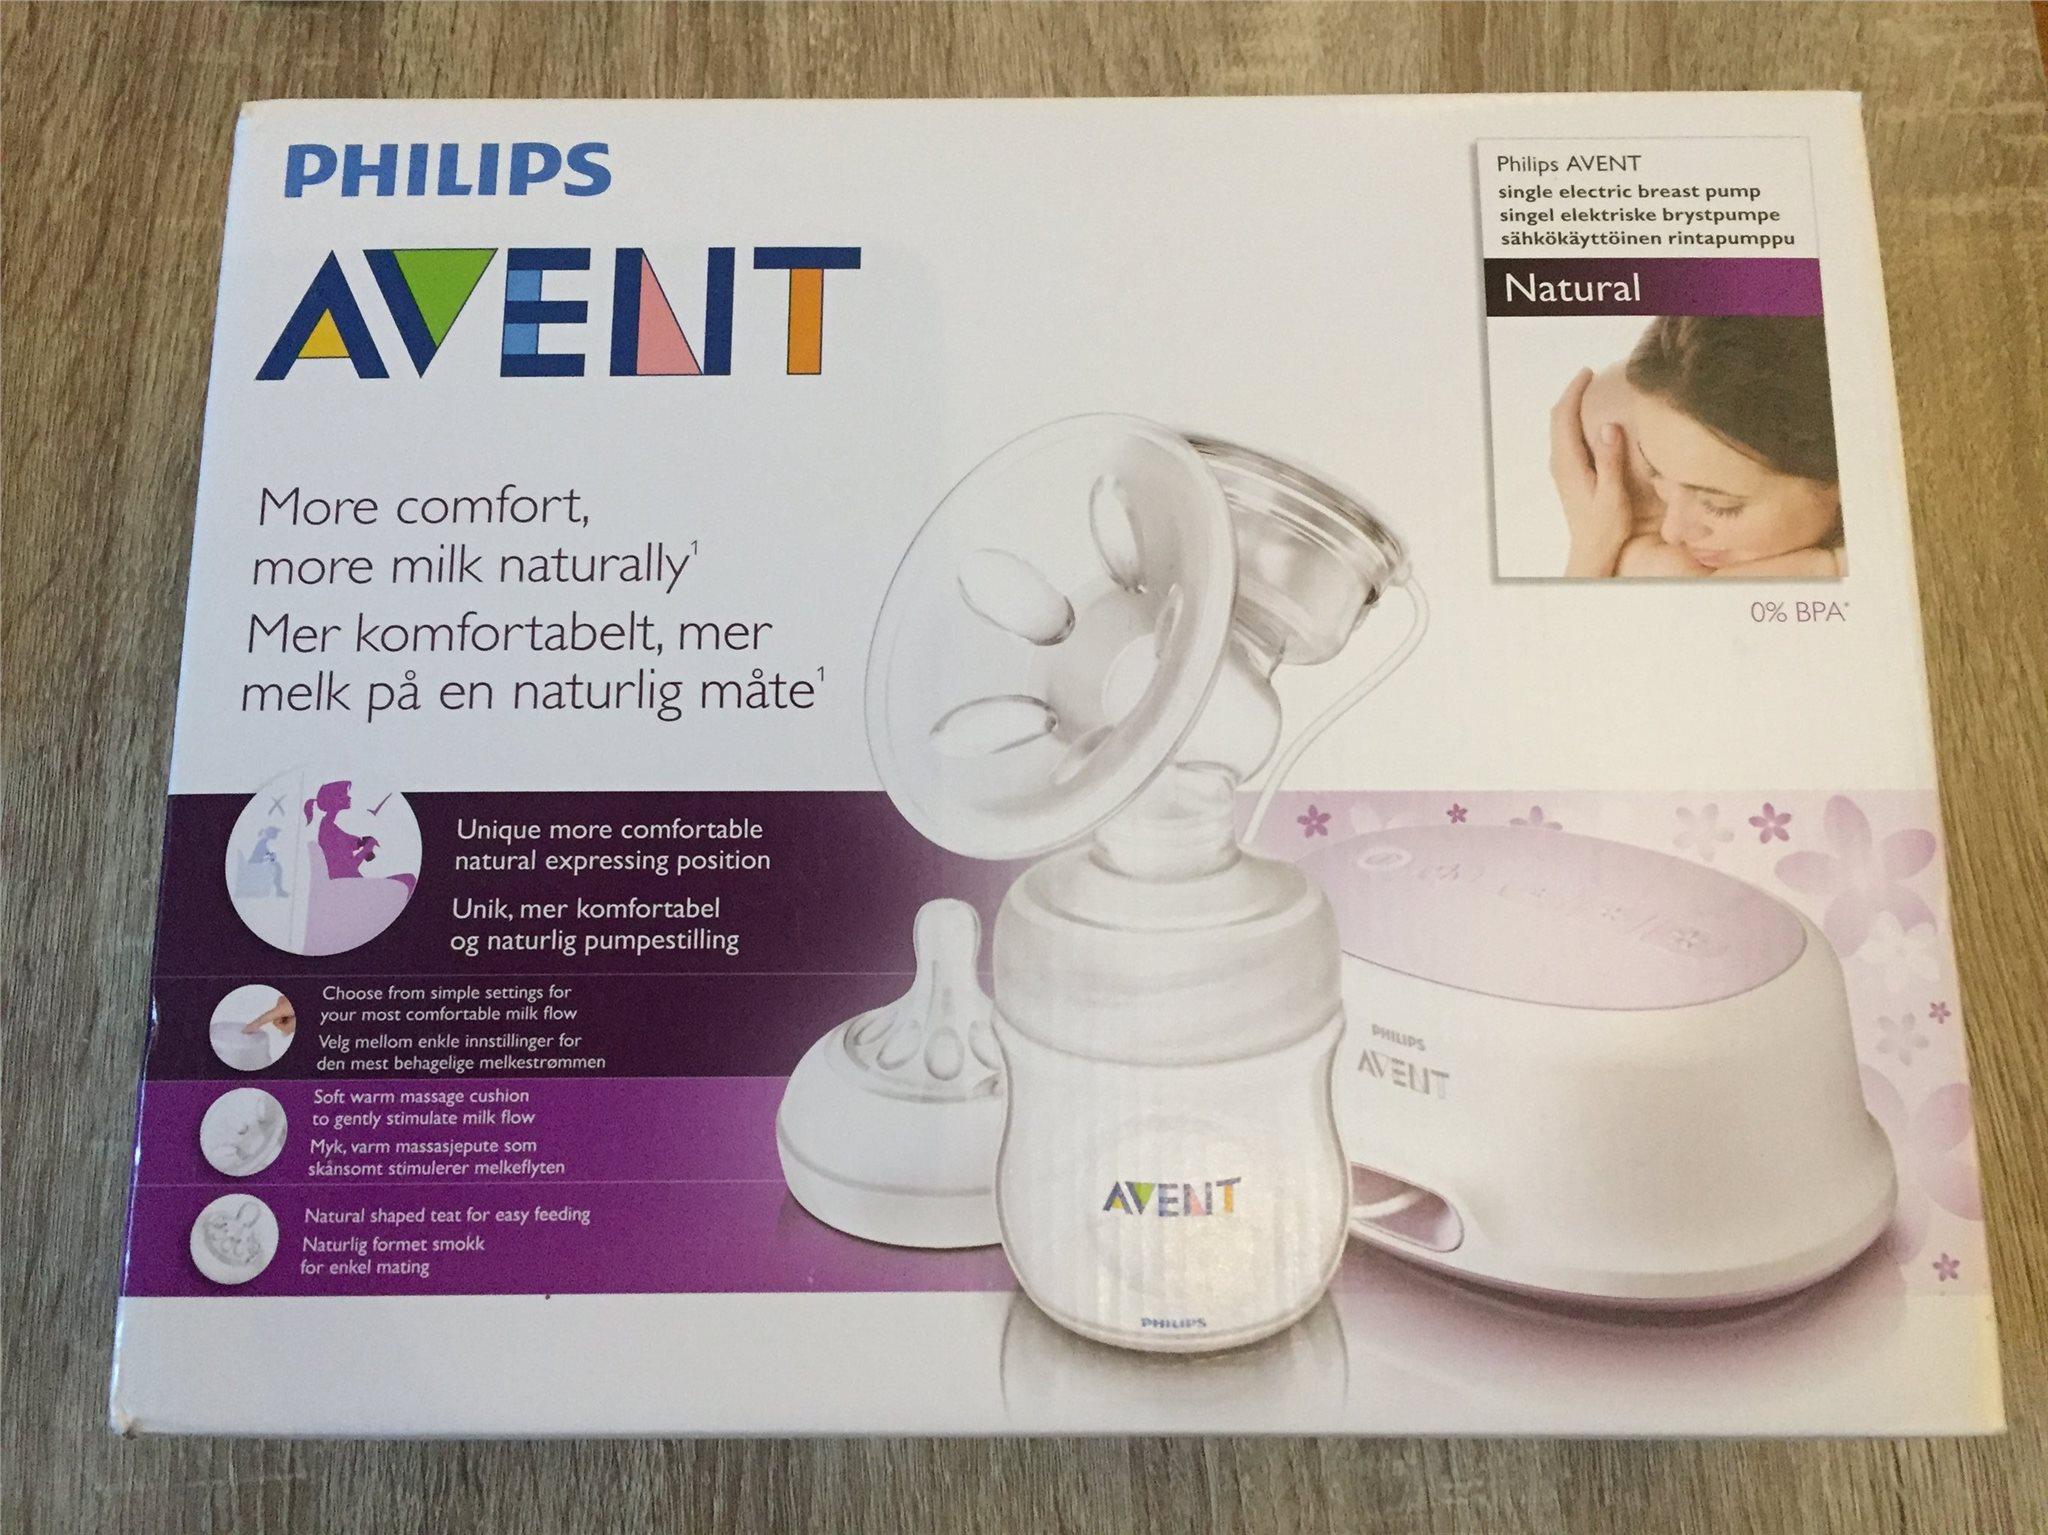 Philips Avent Elektrisk Bröstpump!!! (332758467) ᐈ Köp på Tradera 0f349824ba42b